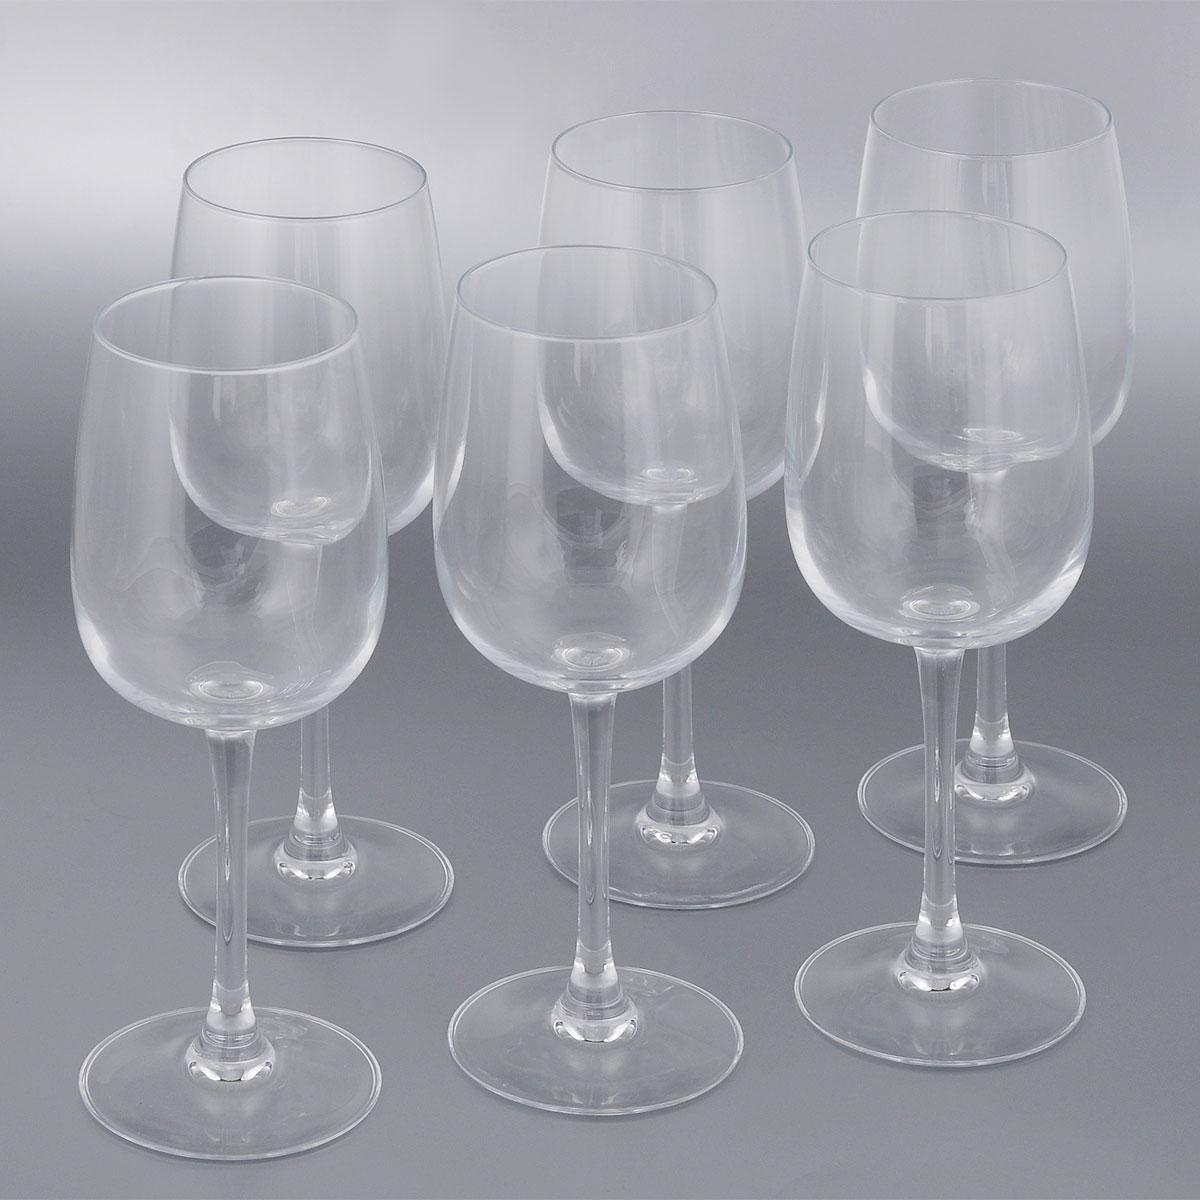 Набор фужеров для вина Luminarc Allegresse, 300 мл, 6 штJ8164Набор Luminarc Allegresse состоит из шести классических фужеров, выполненных из прочного стекла. Изделияоснащены высокими ножками и предназначены для подачи вина. Они сочетают в себе элегантный дизайн ифункциональность. Благодаря такому набору пить напитки будет еще вкуснее. Набор фужеров Allegresse прекрасно оформит праздничныйстол и создаст приятную атмосферу за романтическим ужином. Такой набор также станет хорошим подарком к любому случаю. Можно мыть в посудомоечной машине. Диаметр фужера (по верхнему краю): 6,1 см.Диаметр основания фужера: 8 см.Высота фужера: 20,6 см.